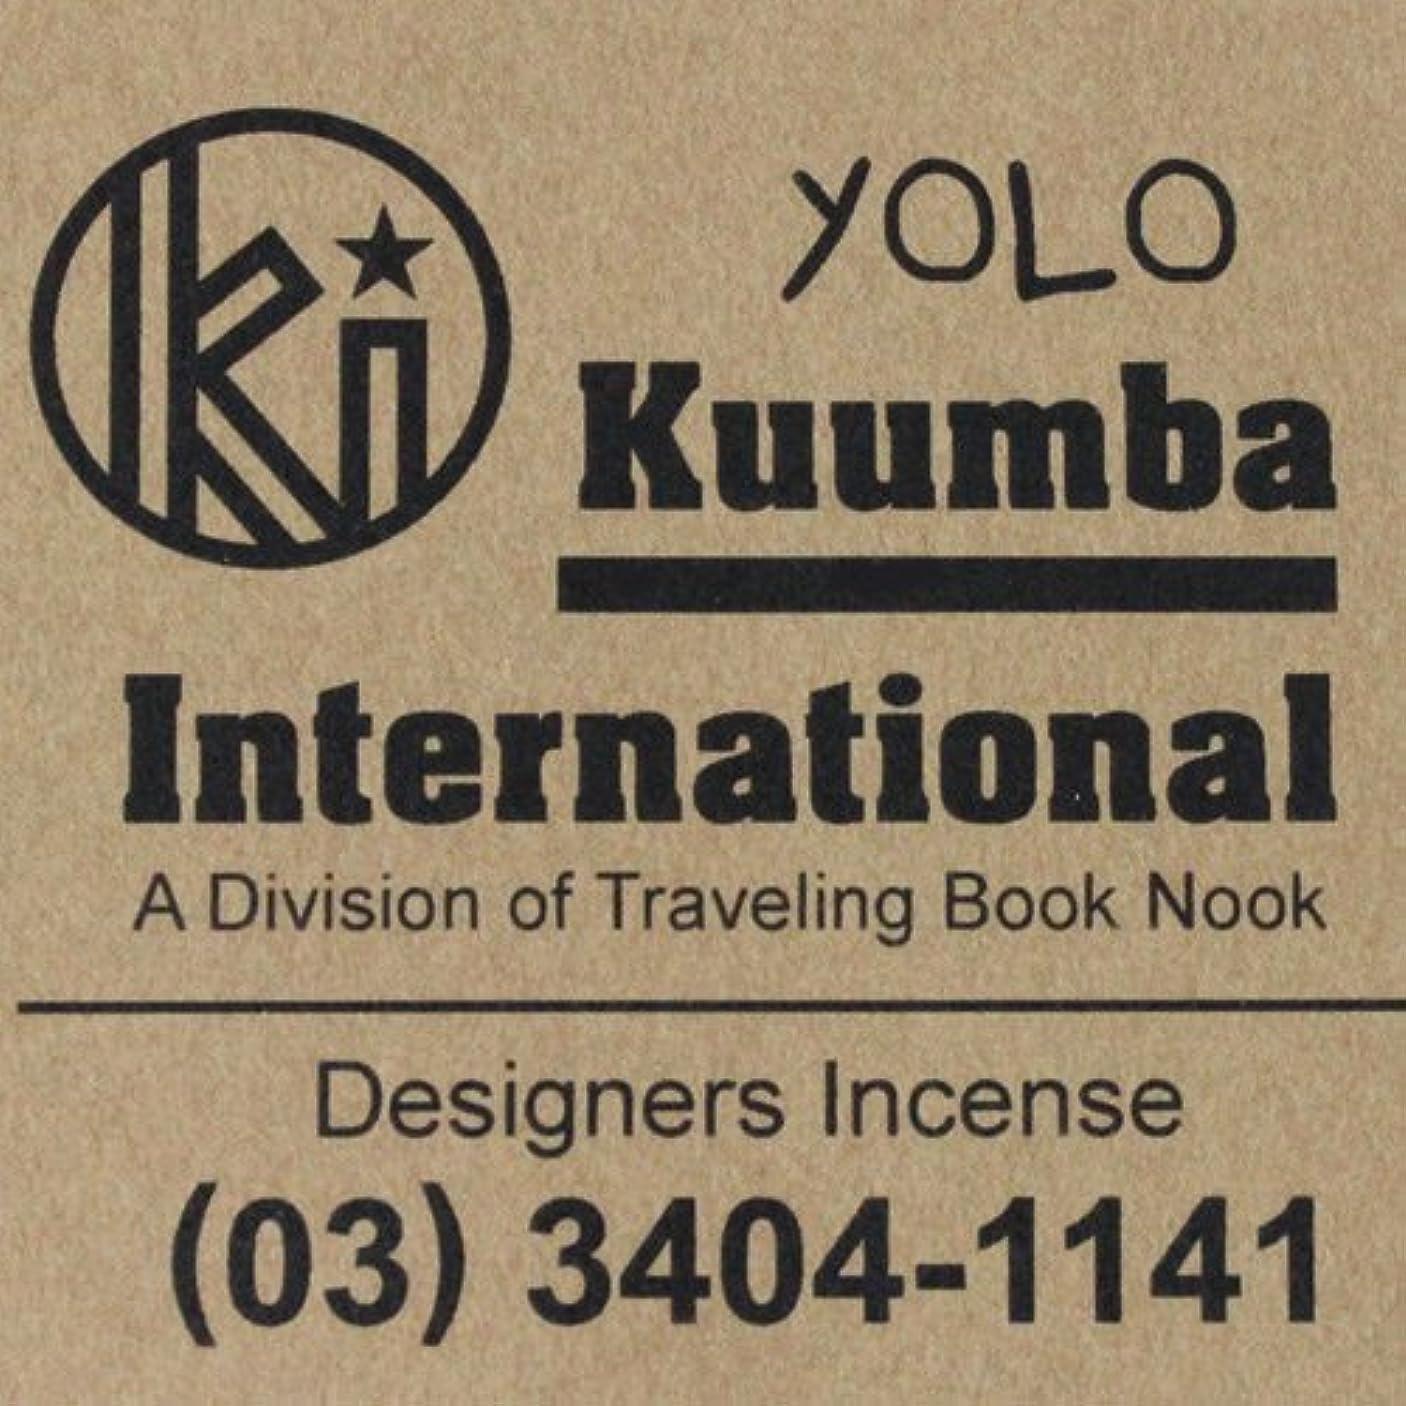 受取人ストリップ早いKuumba(クンバ)『incense』(YOLO) (Regular size)